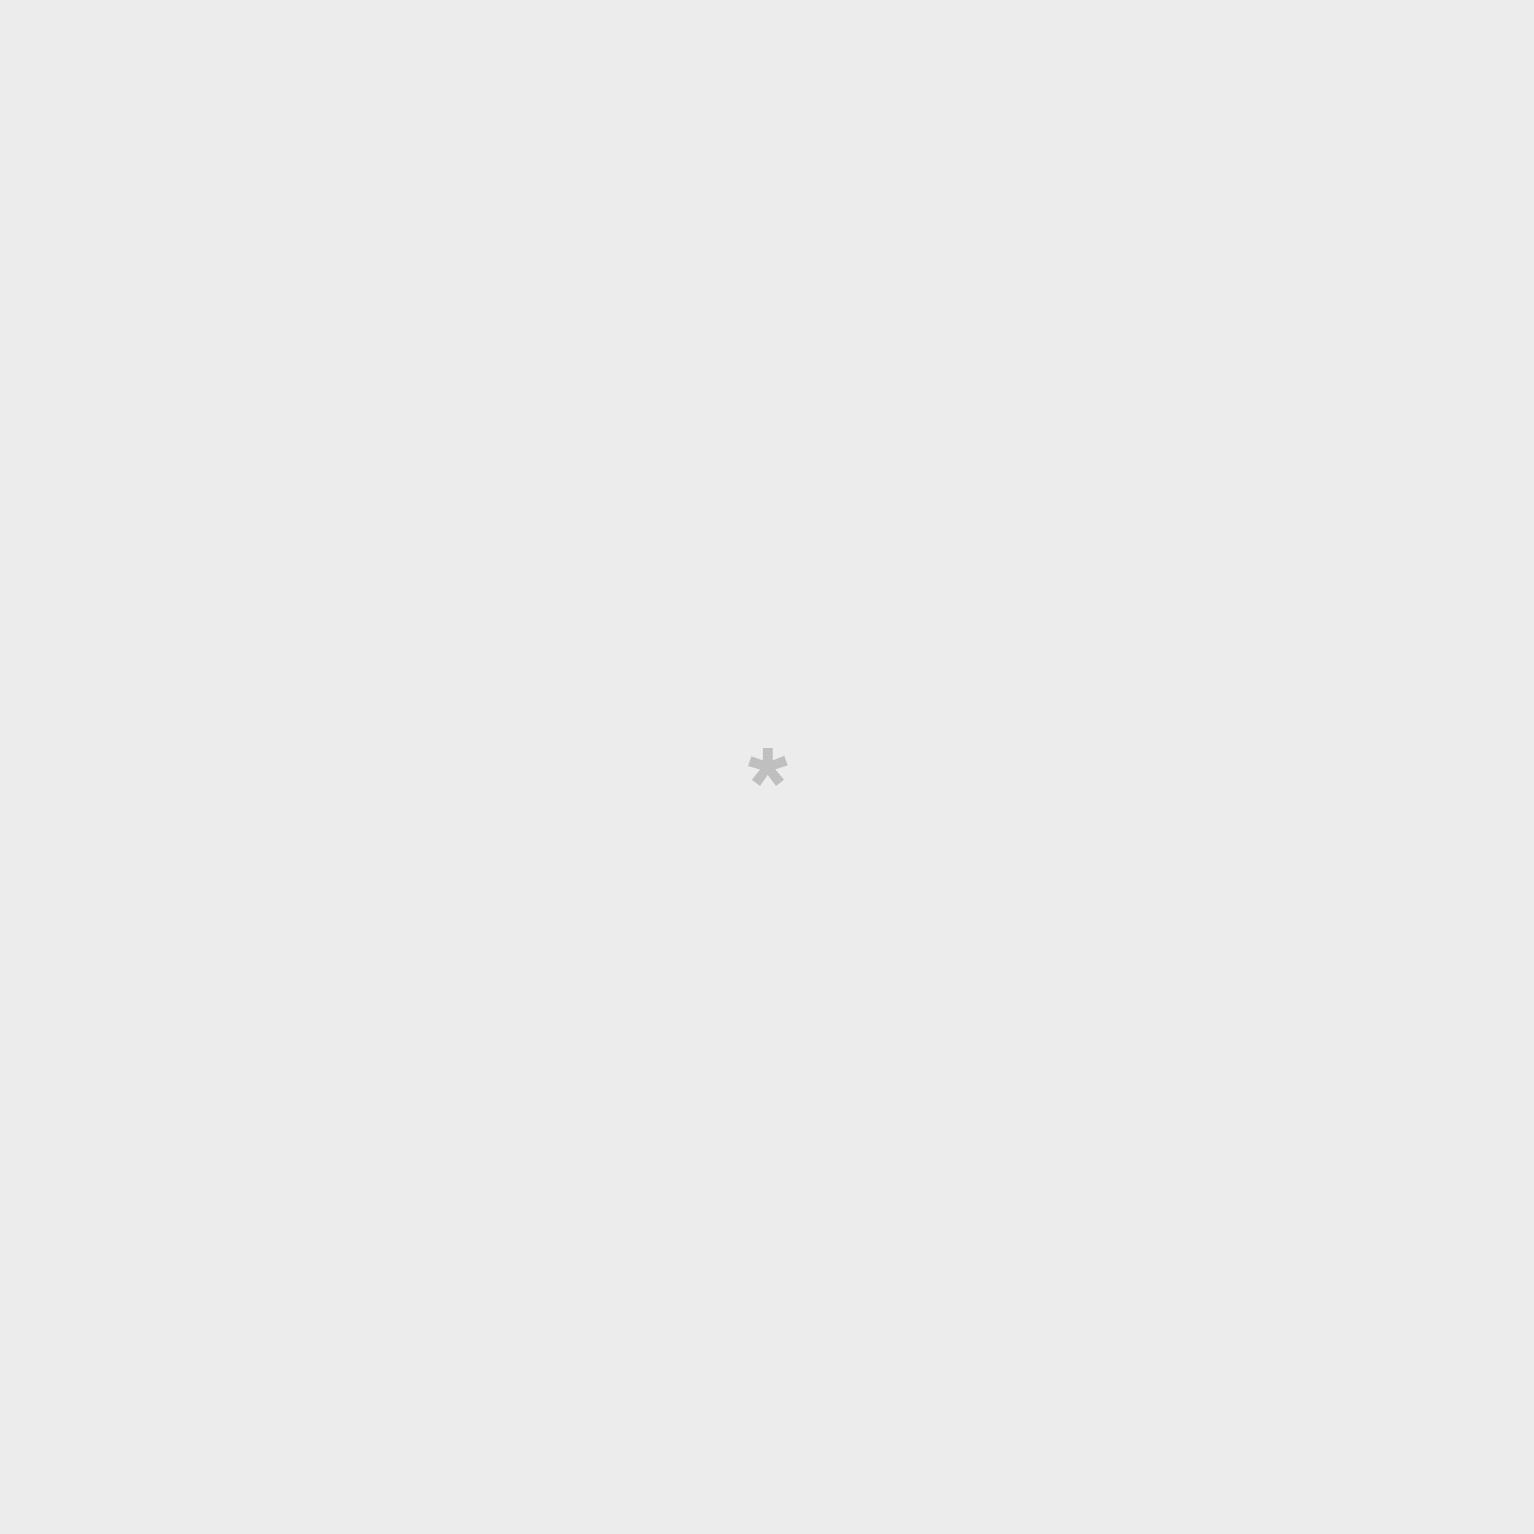 Rollo de papel pintado wonder - Bajo el mar (Color beige)